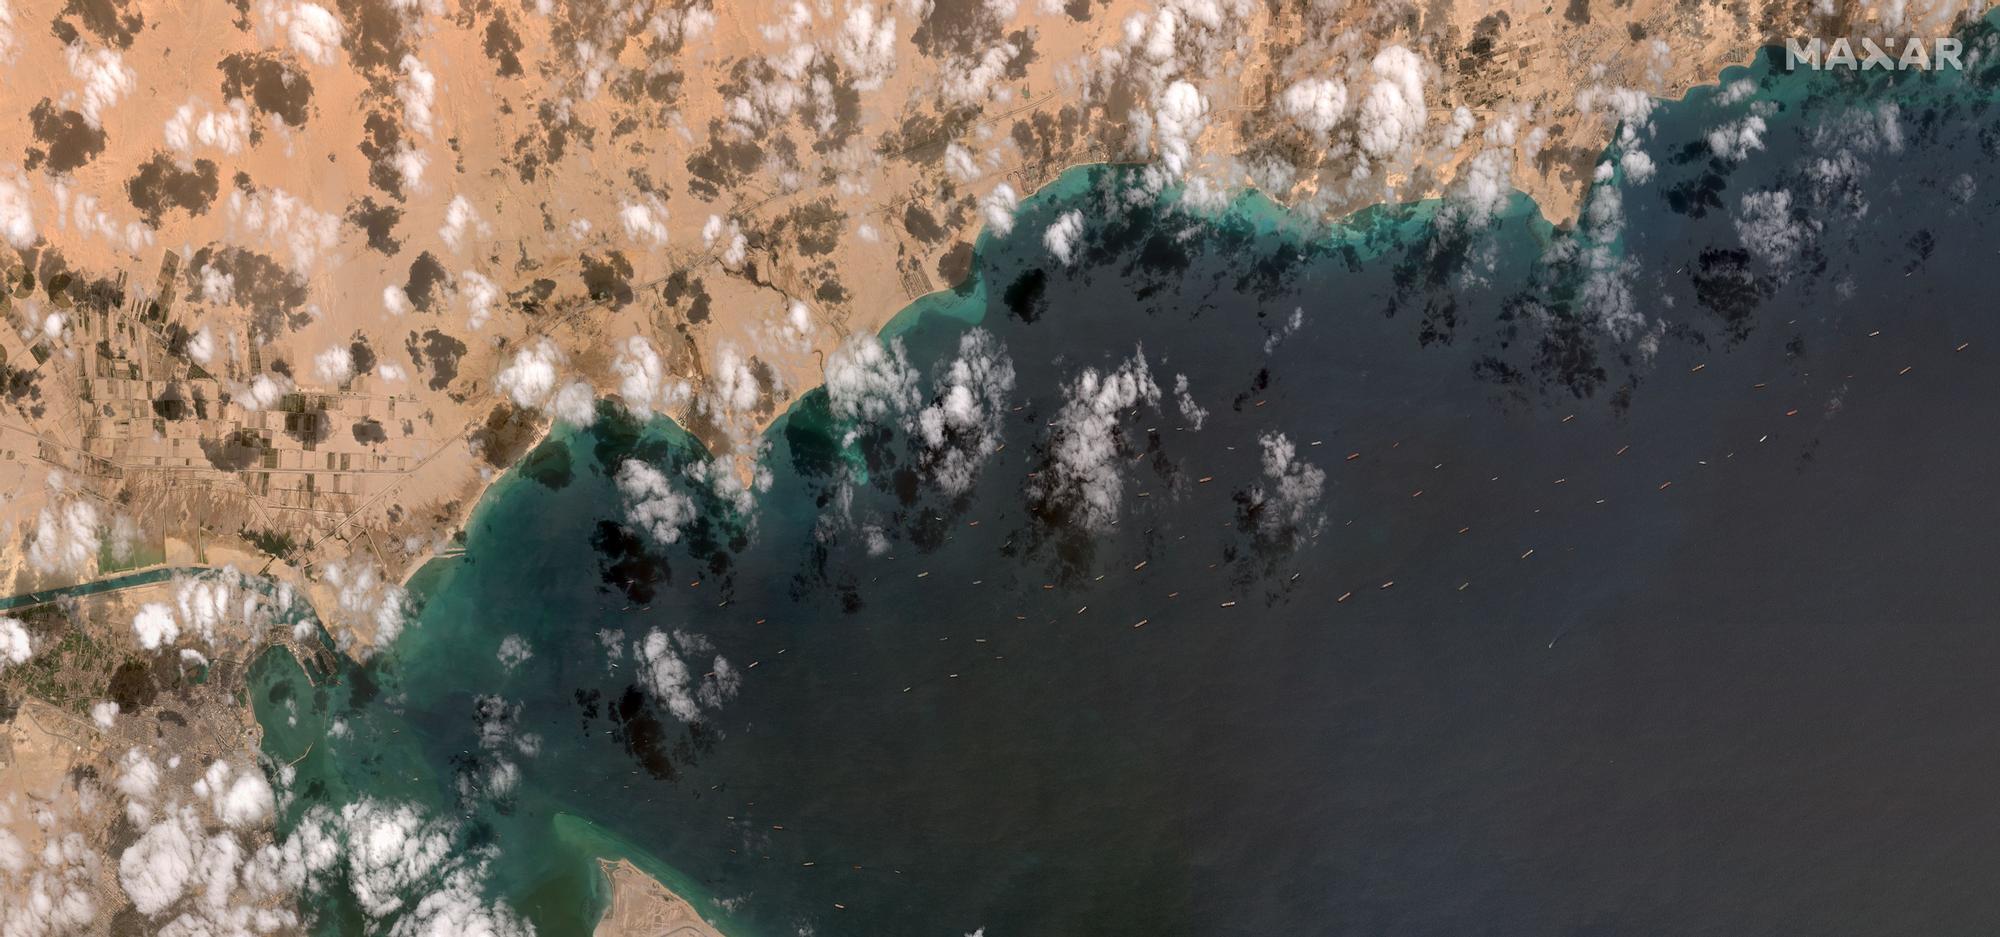 El canal de Suez, bloqueado por un carguero